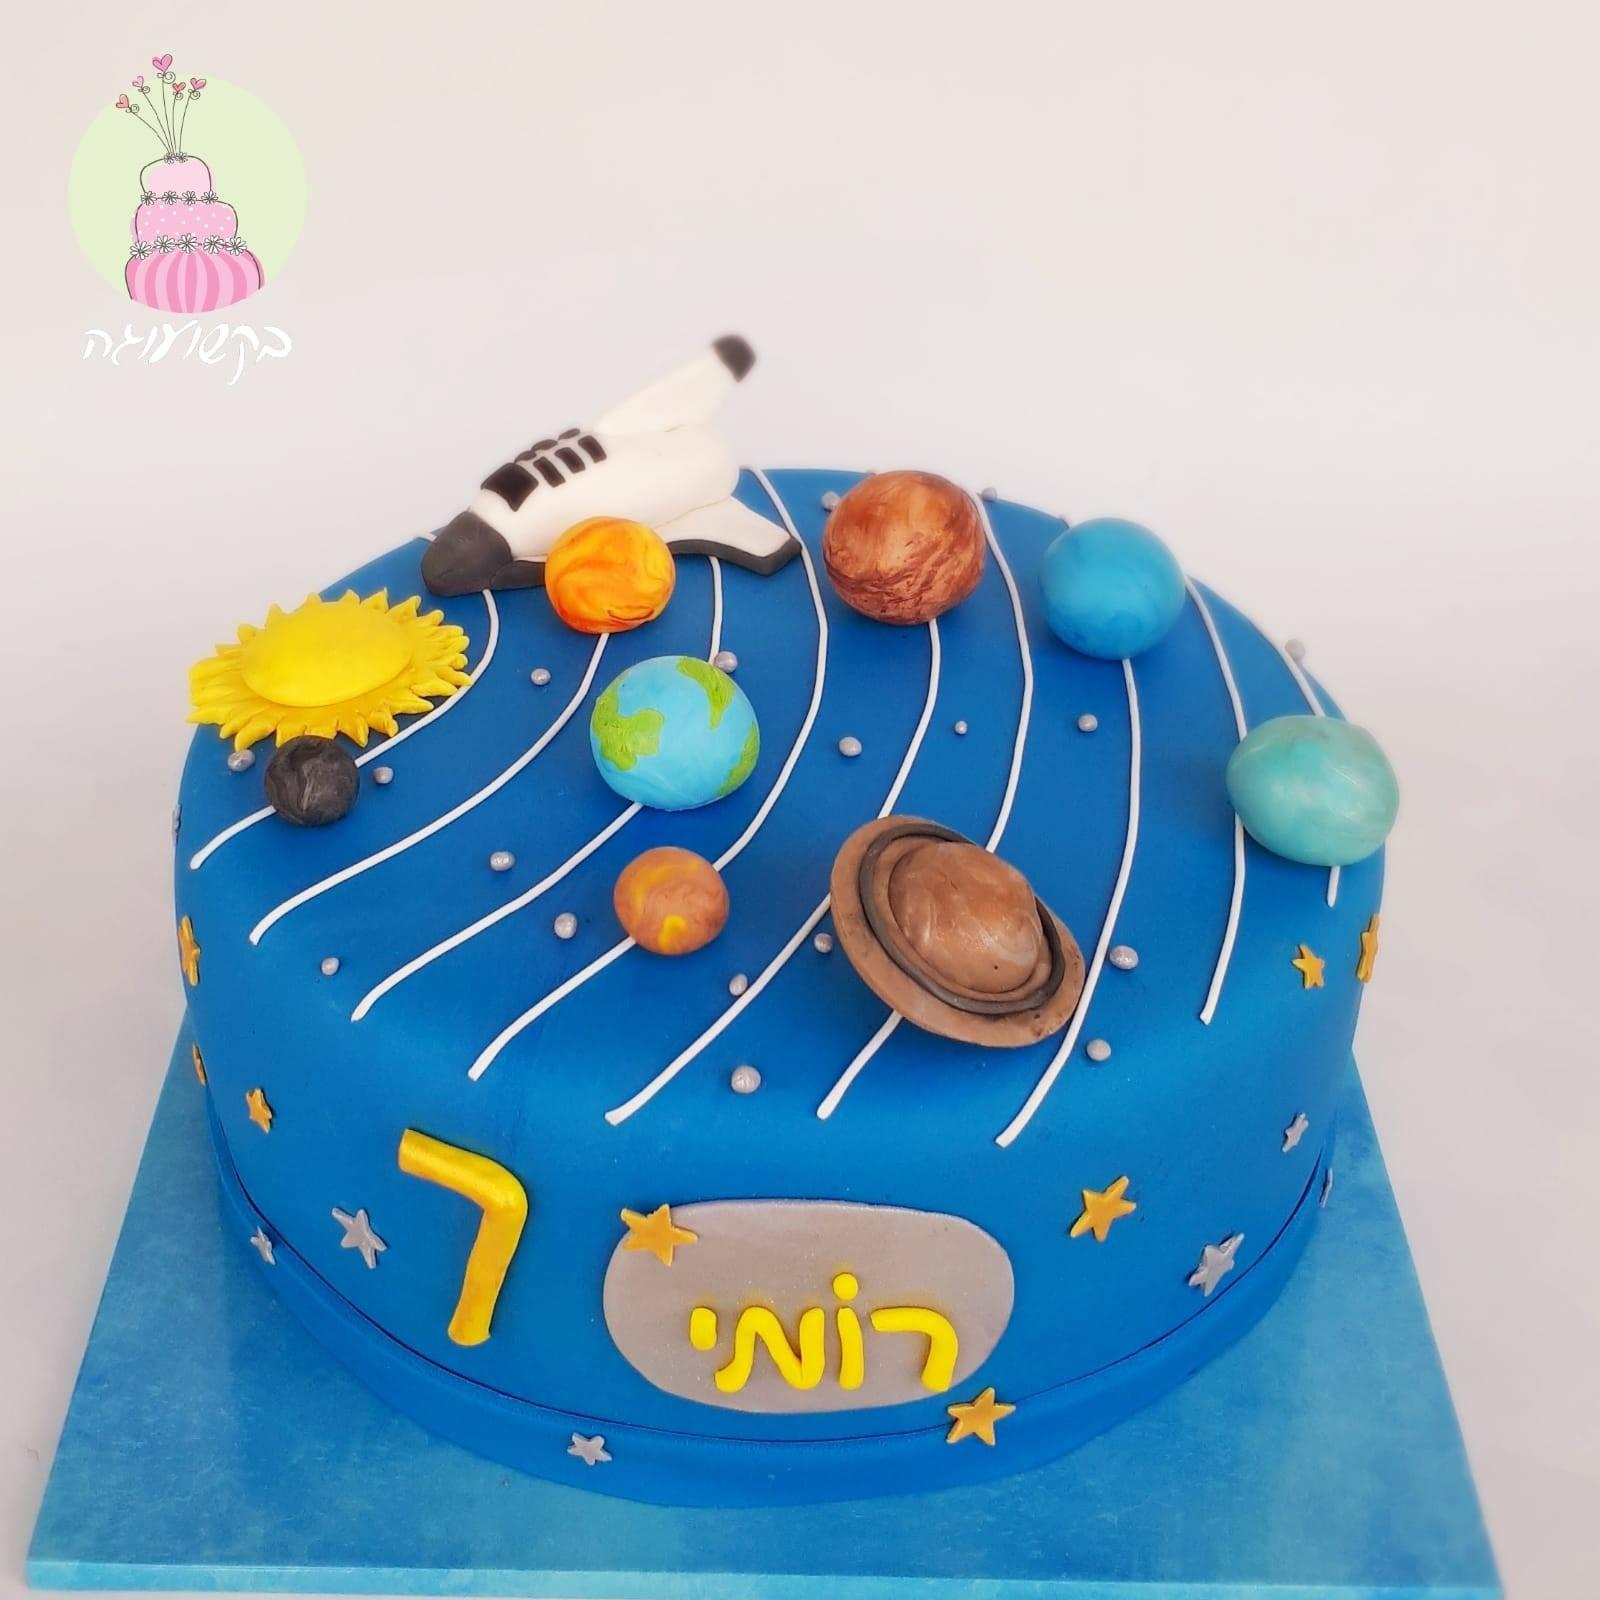 עוגות לבנות